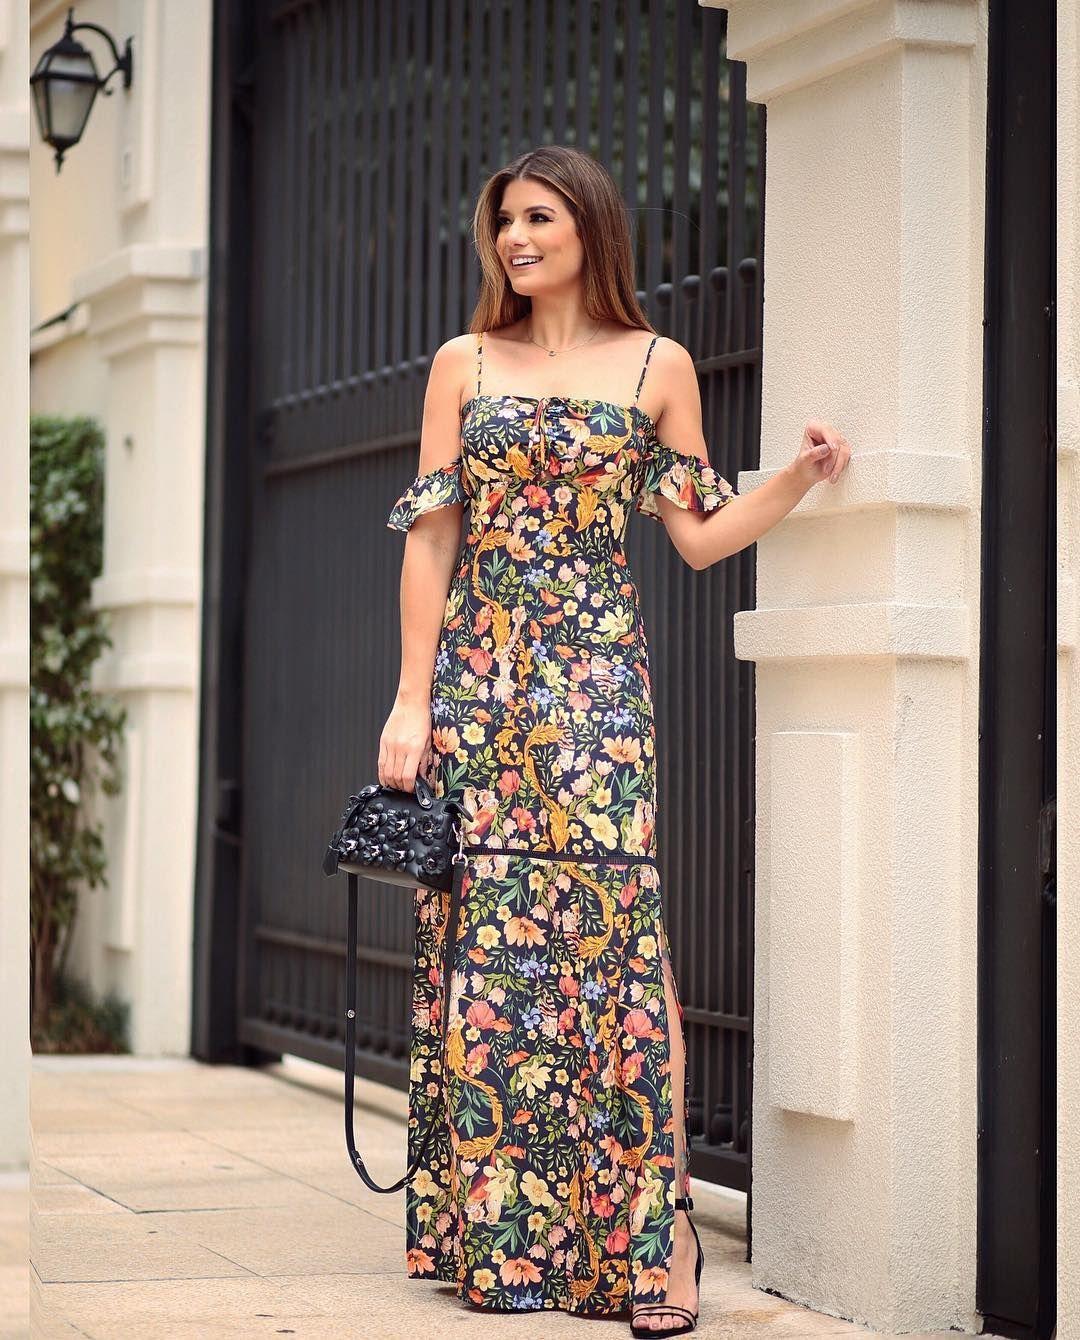 Verão  fatobasico Vestido longo com ombros de fora e estampa mais linda b55ef4006973